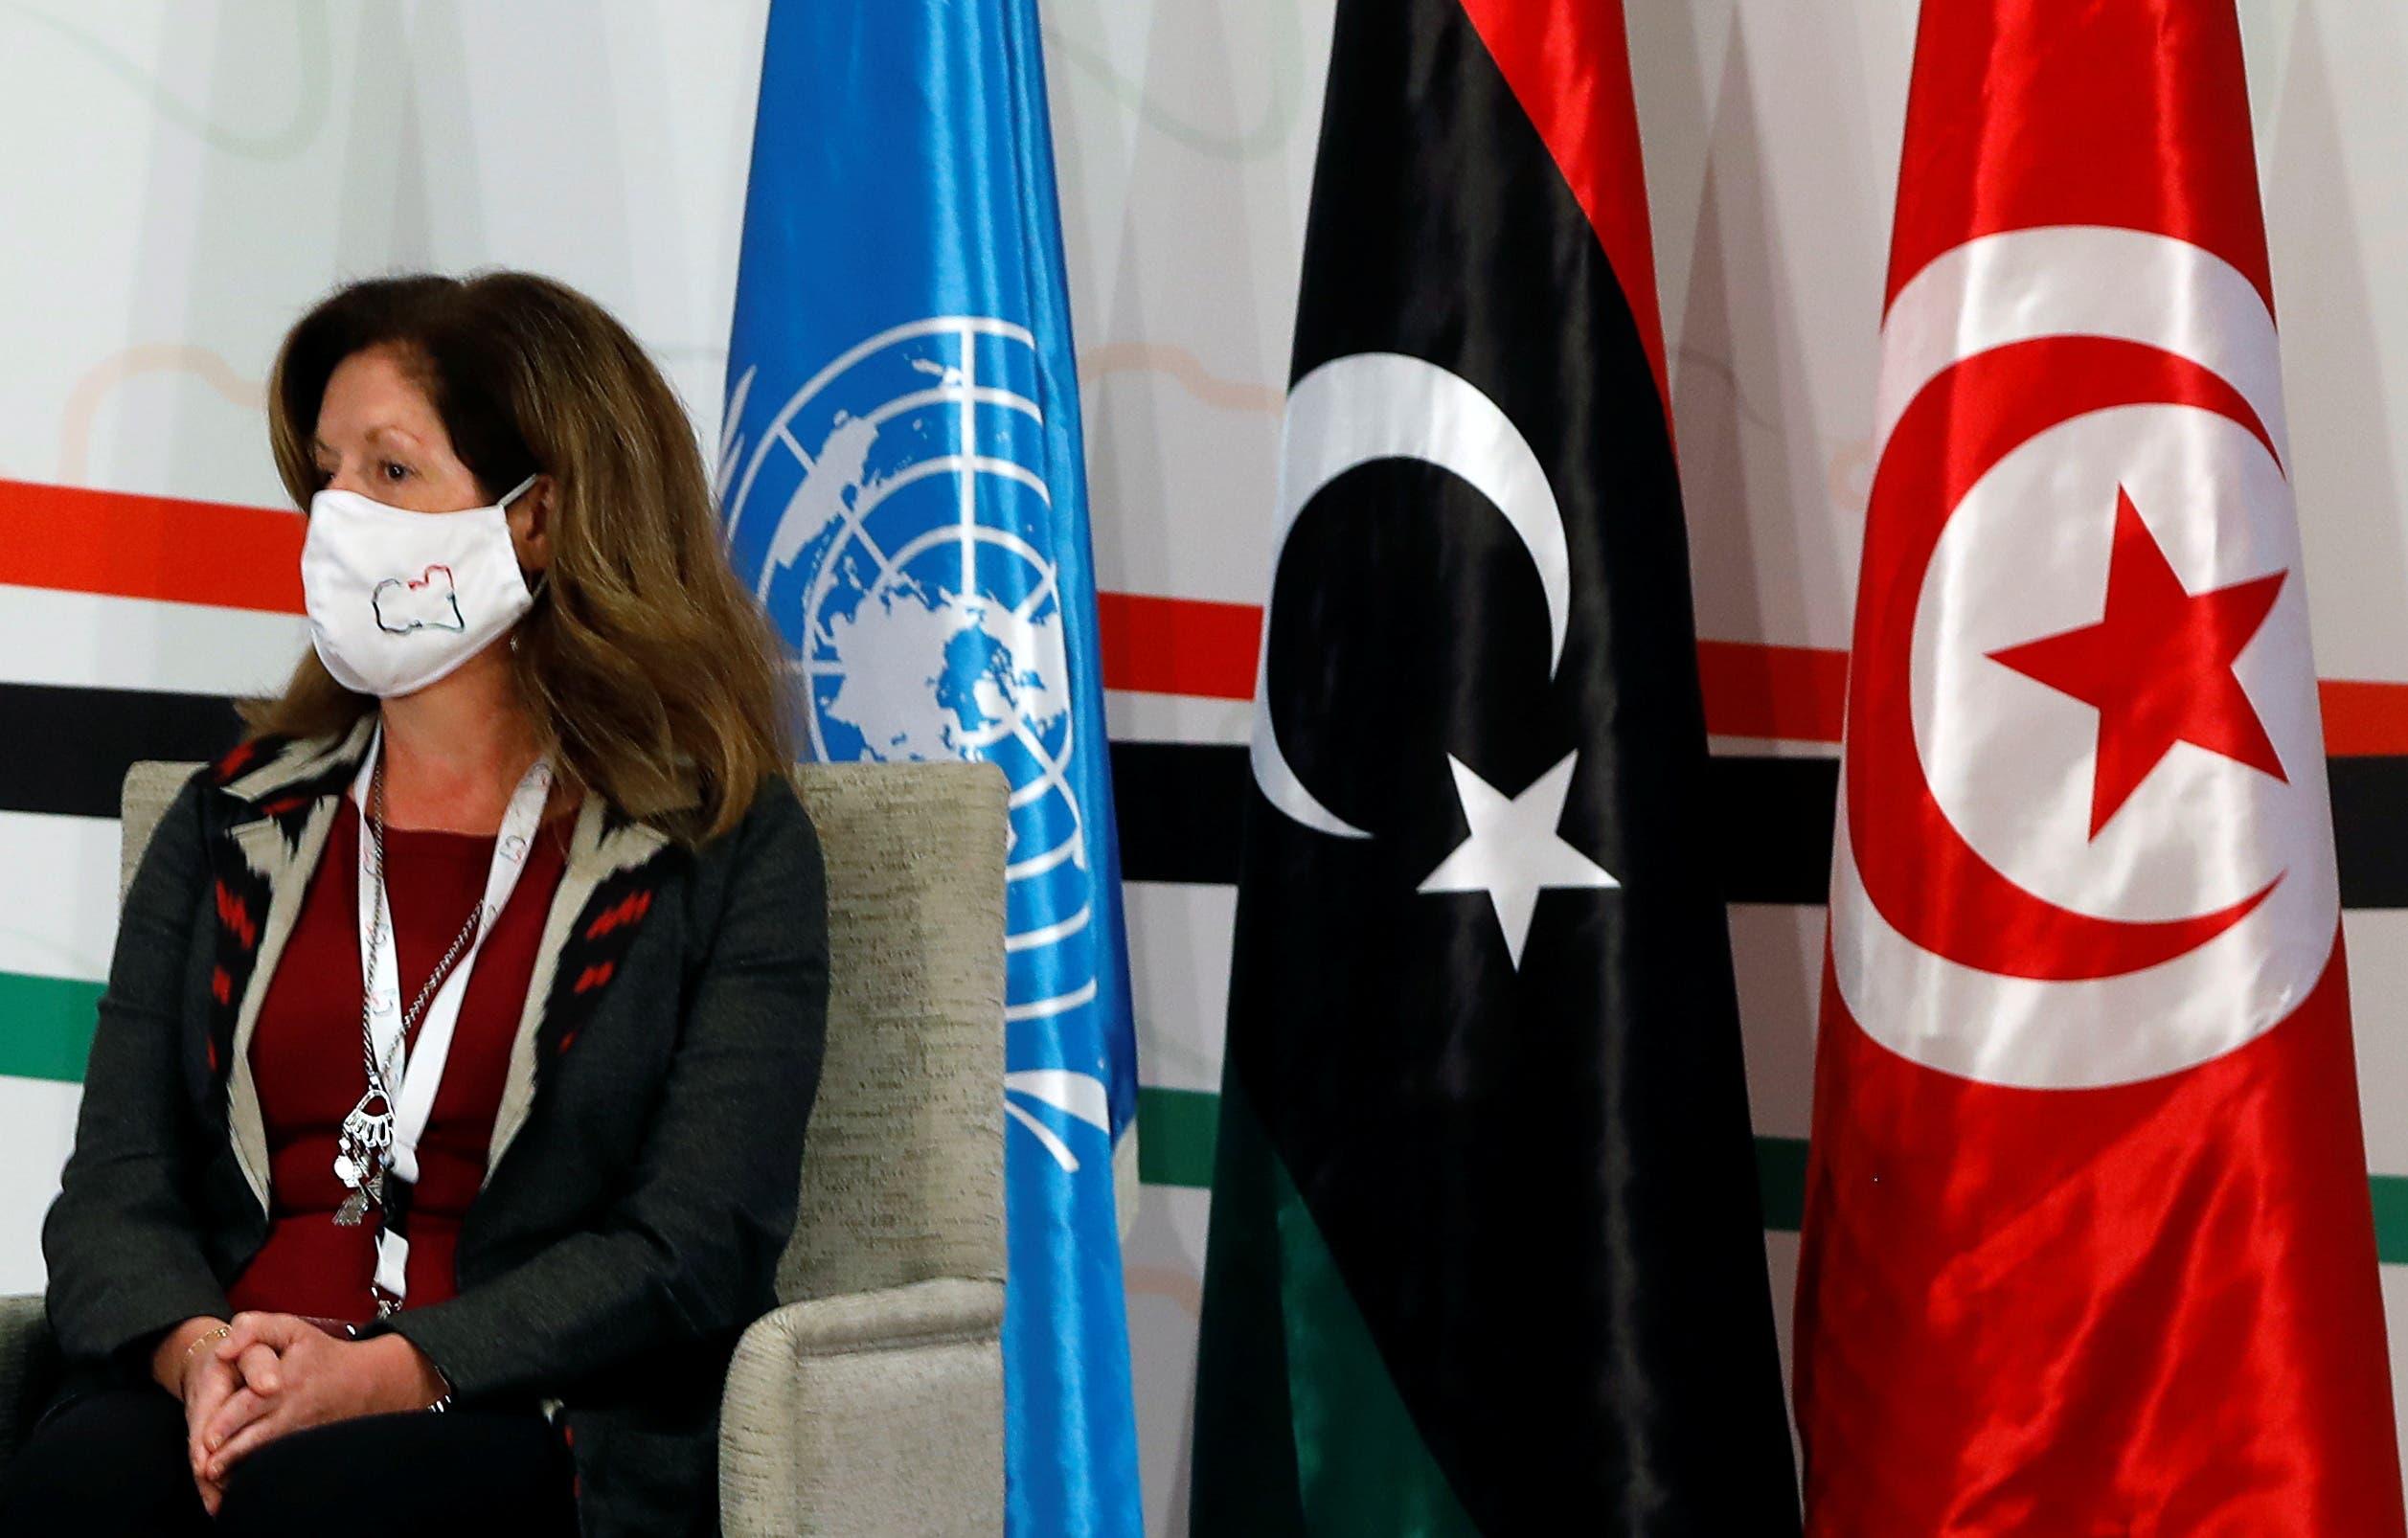 الممثلة الخاصة السابقة للأمين العام للأمم المتحدة في ليبيا بالإنابة، ستيفاني وليامز (أرشيفية- رويترز)